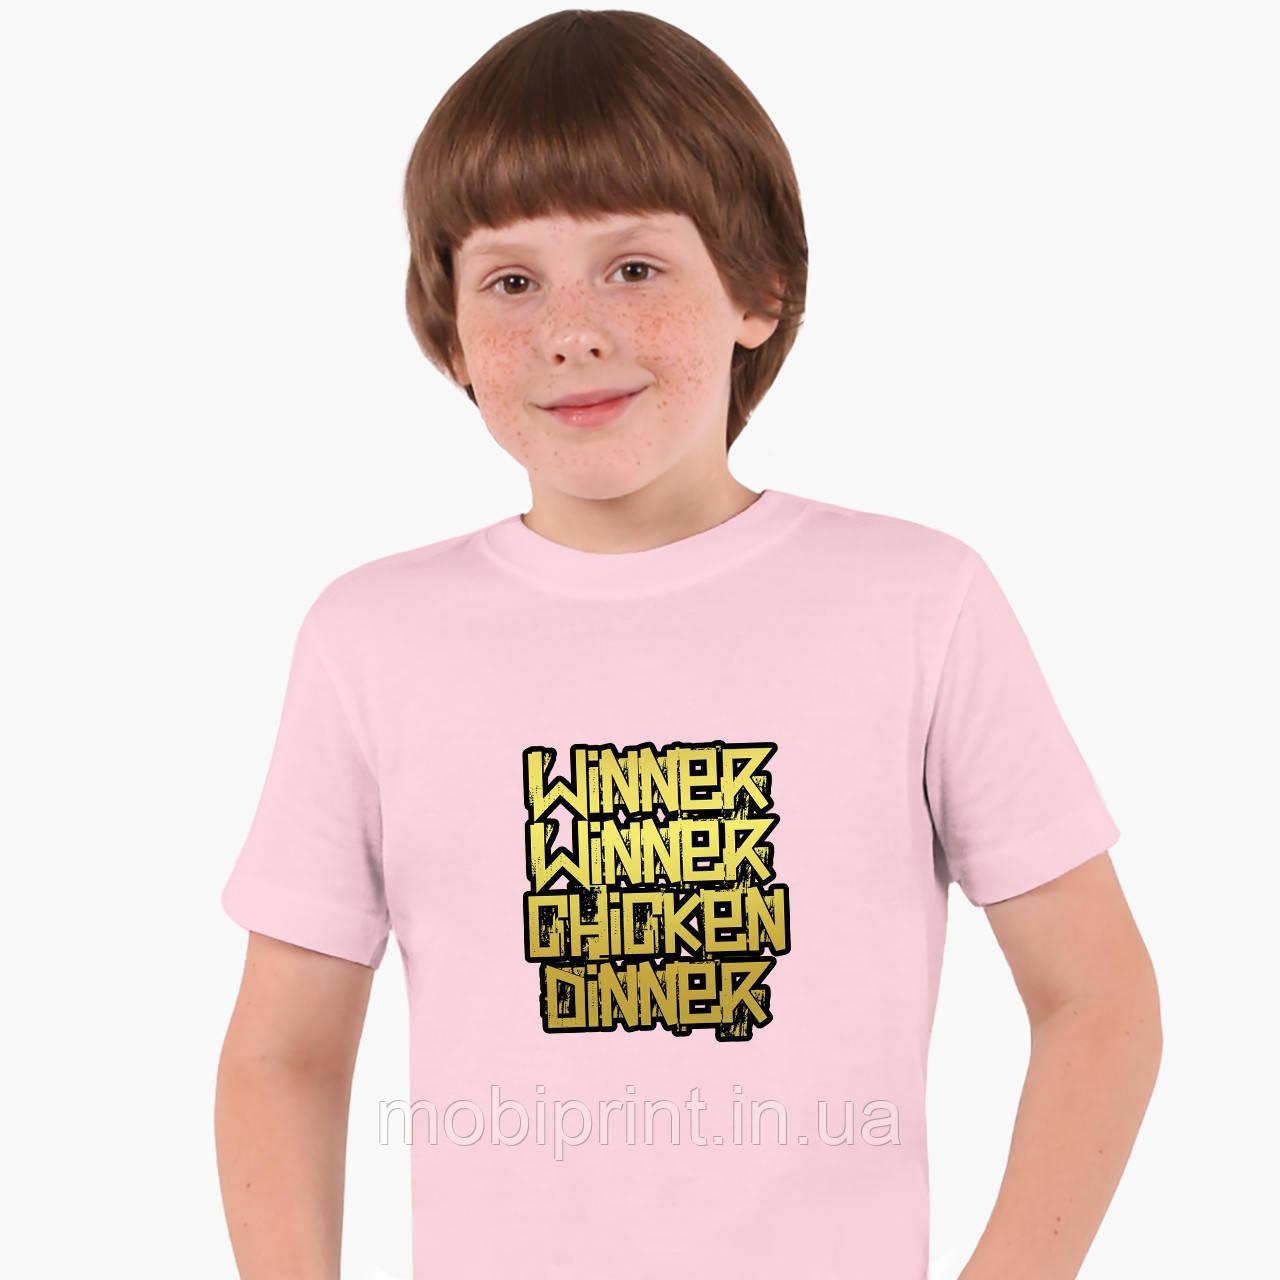 Детская футболка для мальчиков Пубг Пабг (Pubg) (25186-1180) Розовый